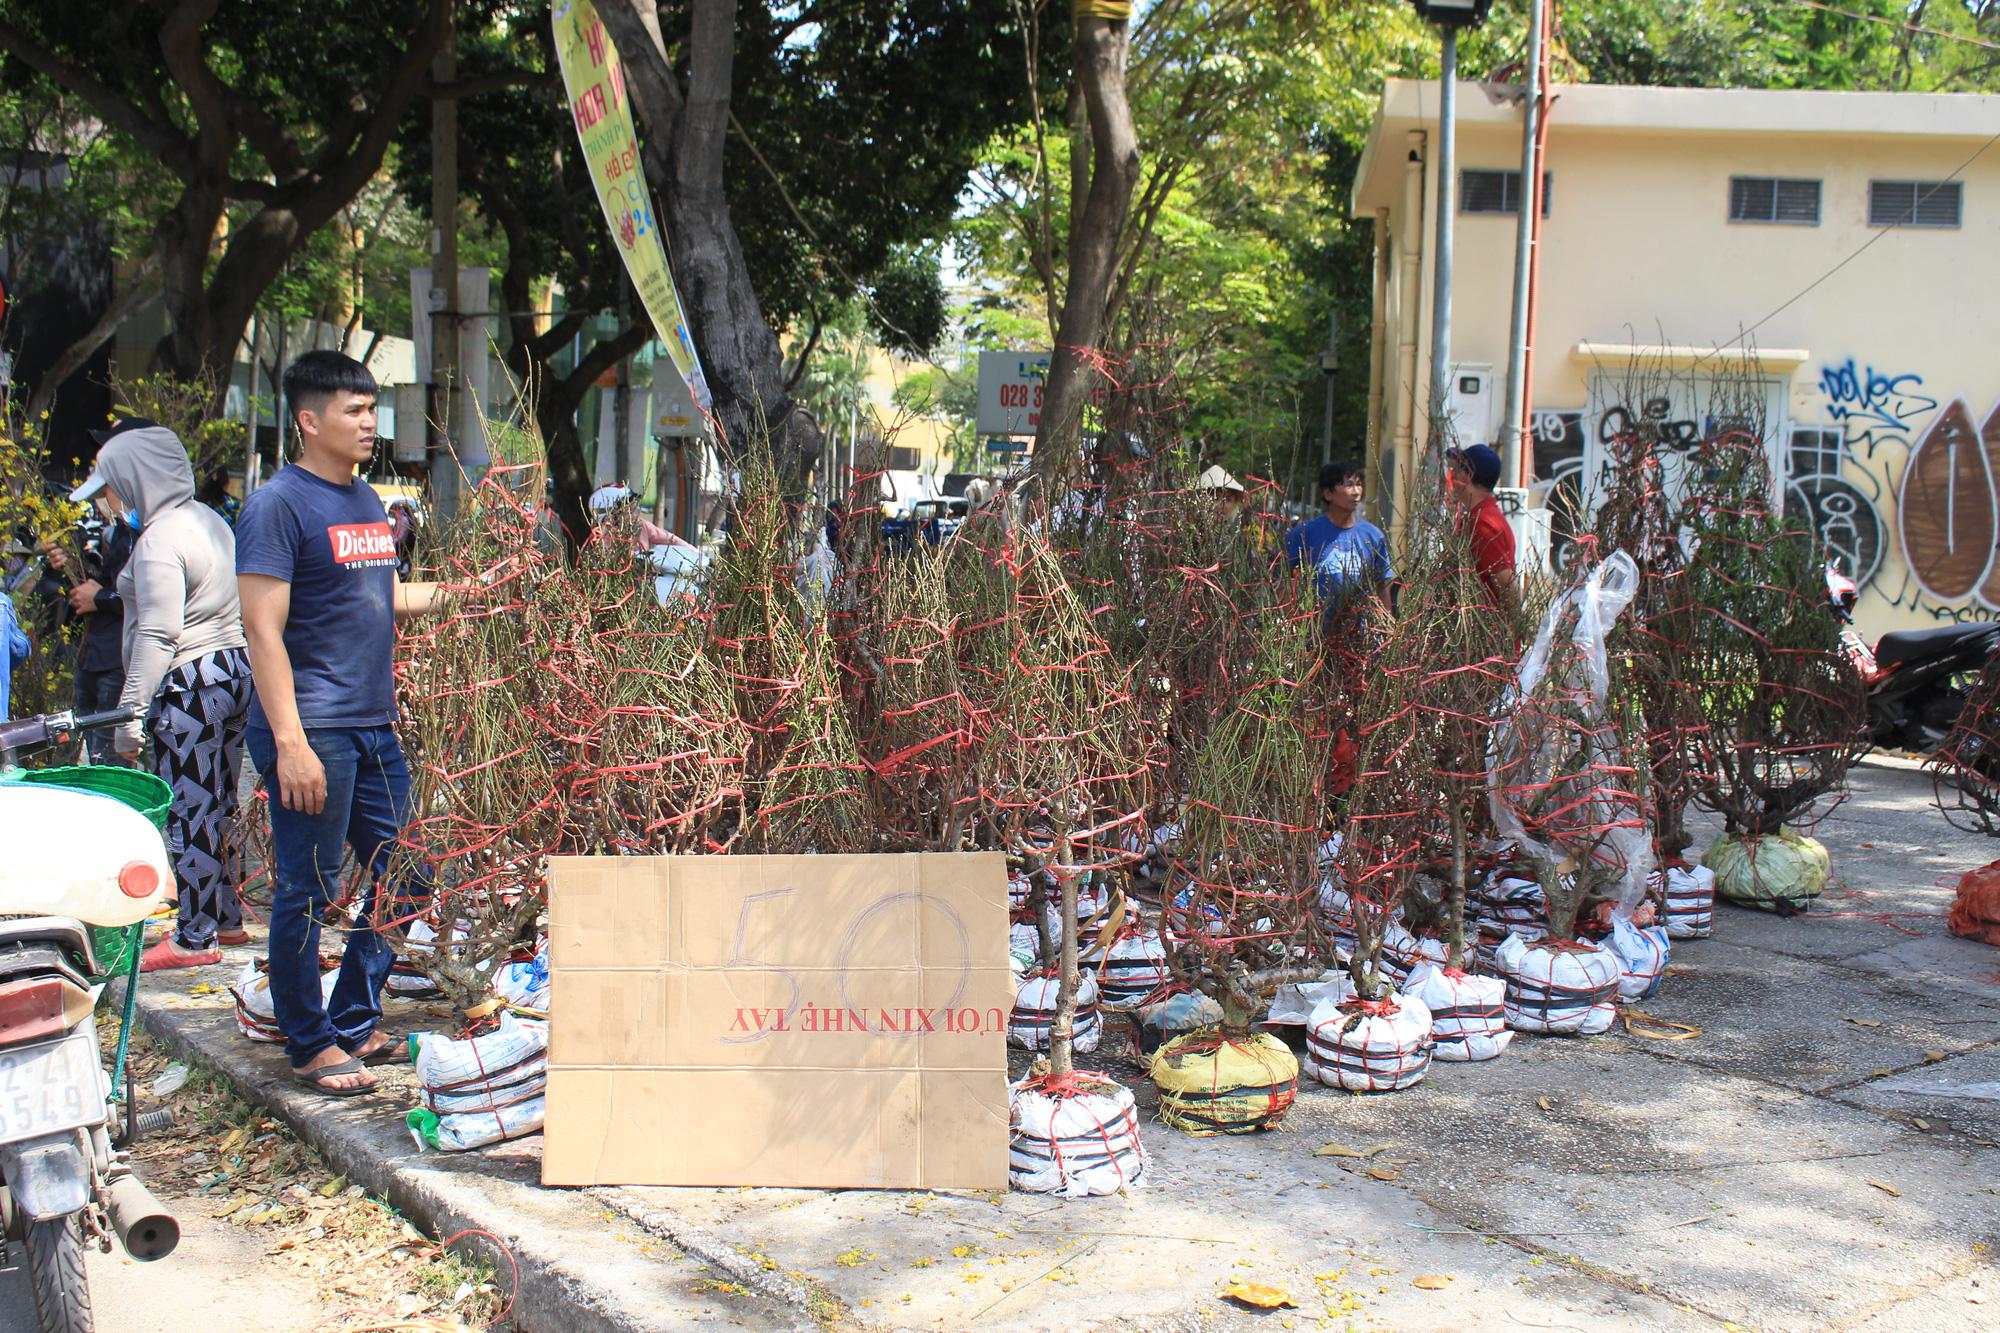 Trưa 30 Tết, mai, đào, hướng dương bán rẻ như cho 50.000 đồng một cây ở chợ hoa Sài Gòn - Ảnh 9.